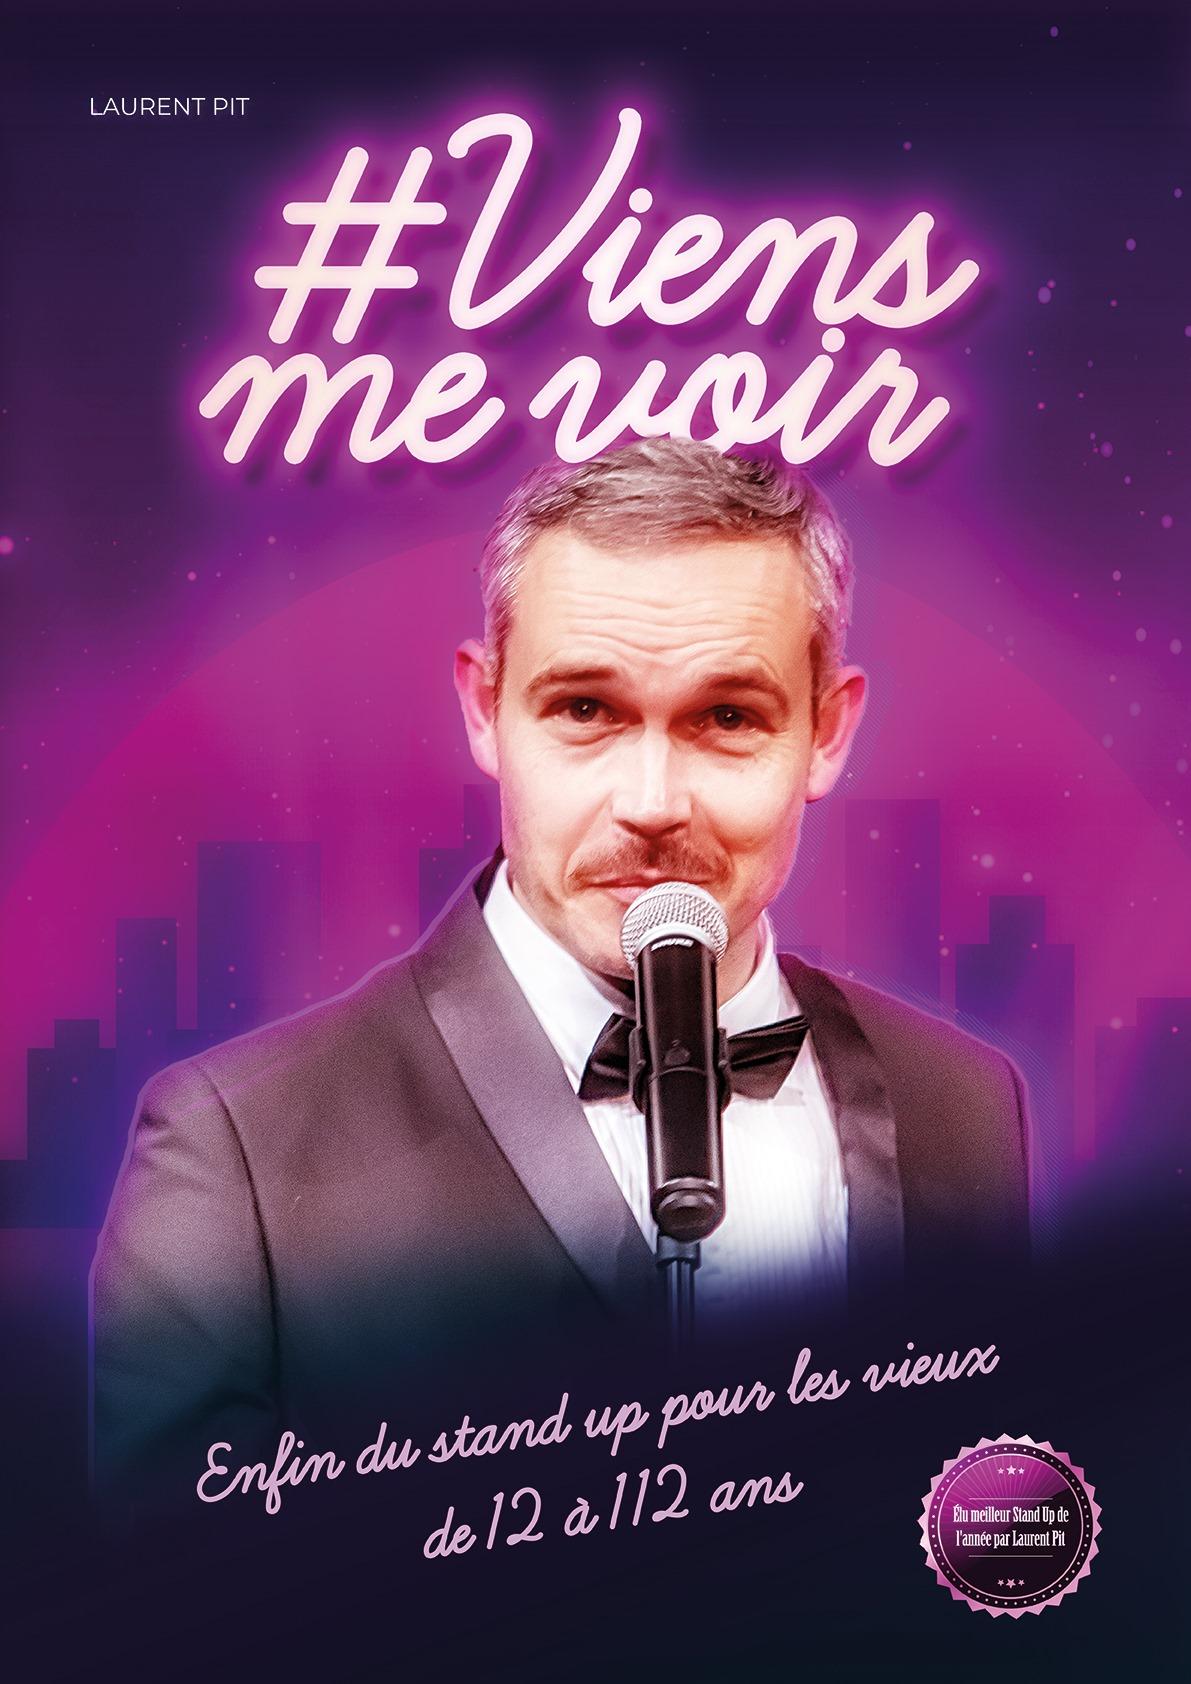 Laurent Pit dans #Viens me voir